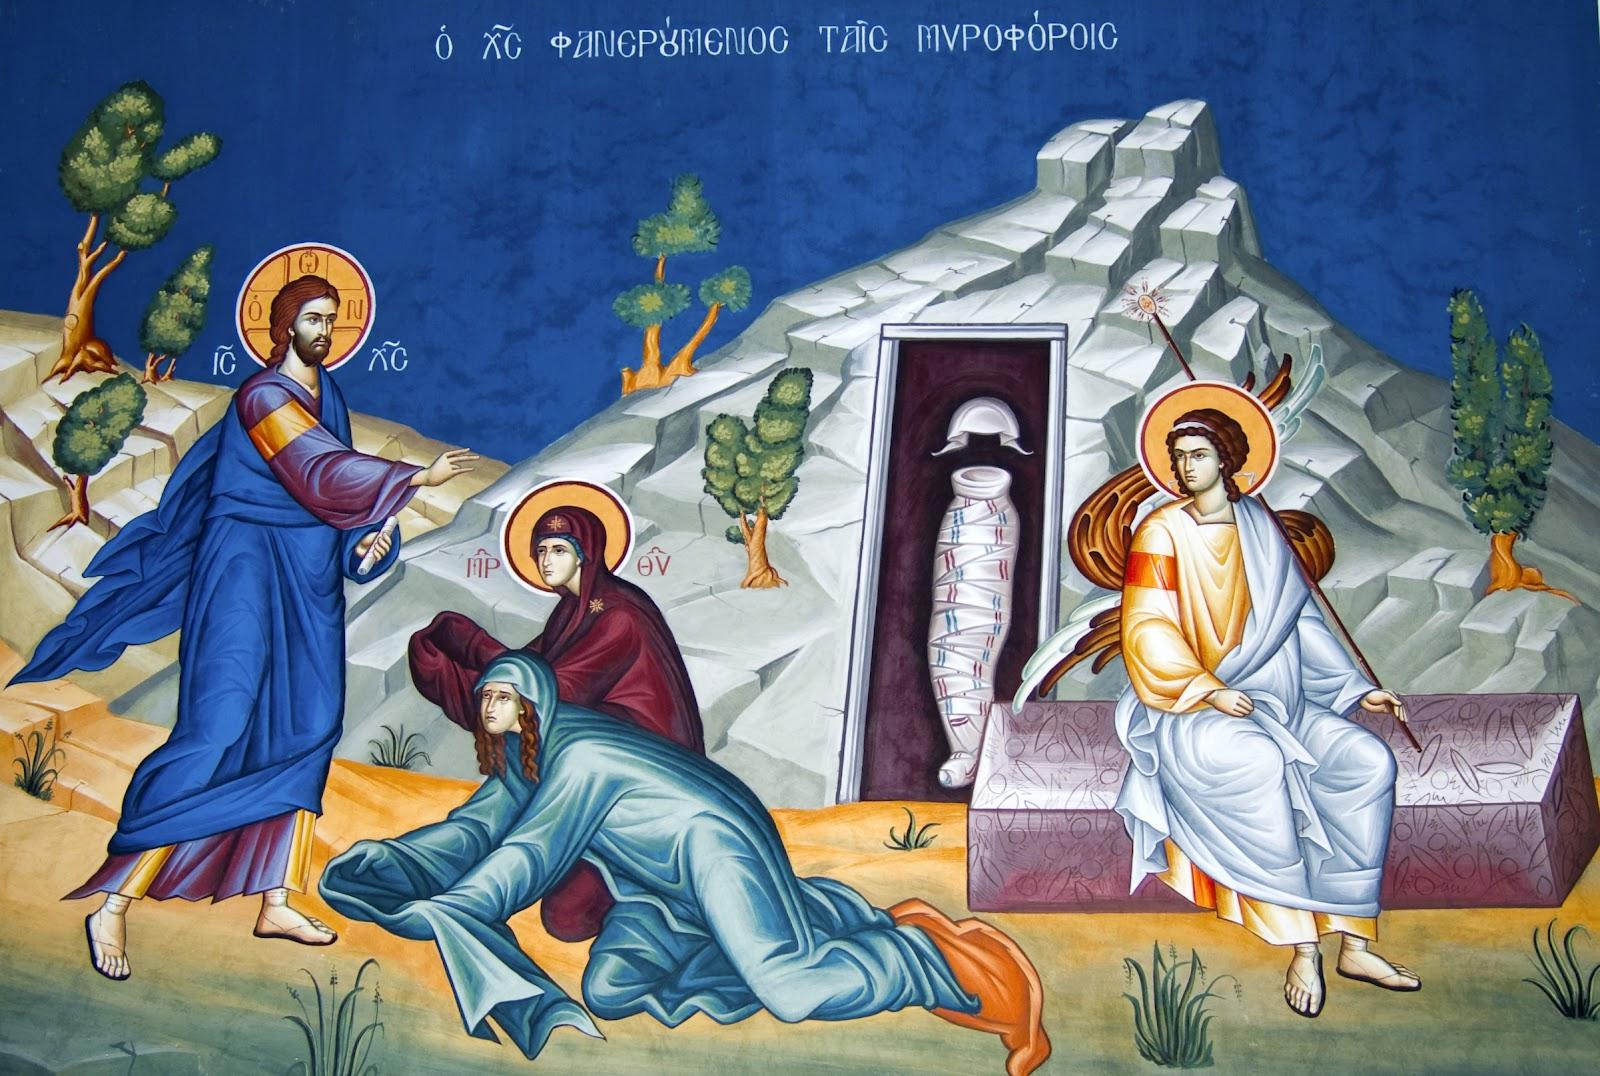 Αποτέλεσμα εικόνας για ιησου παναγία ανάσταση